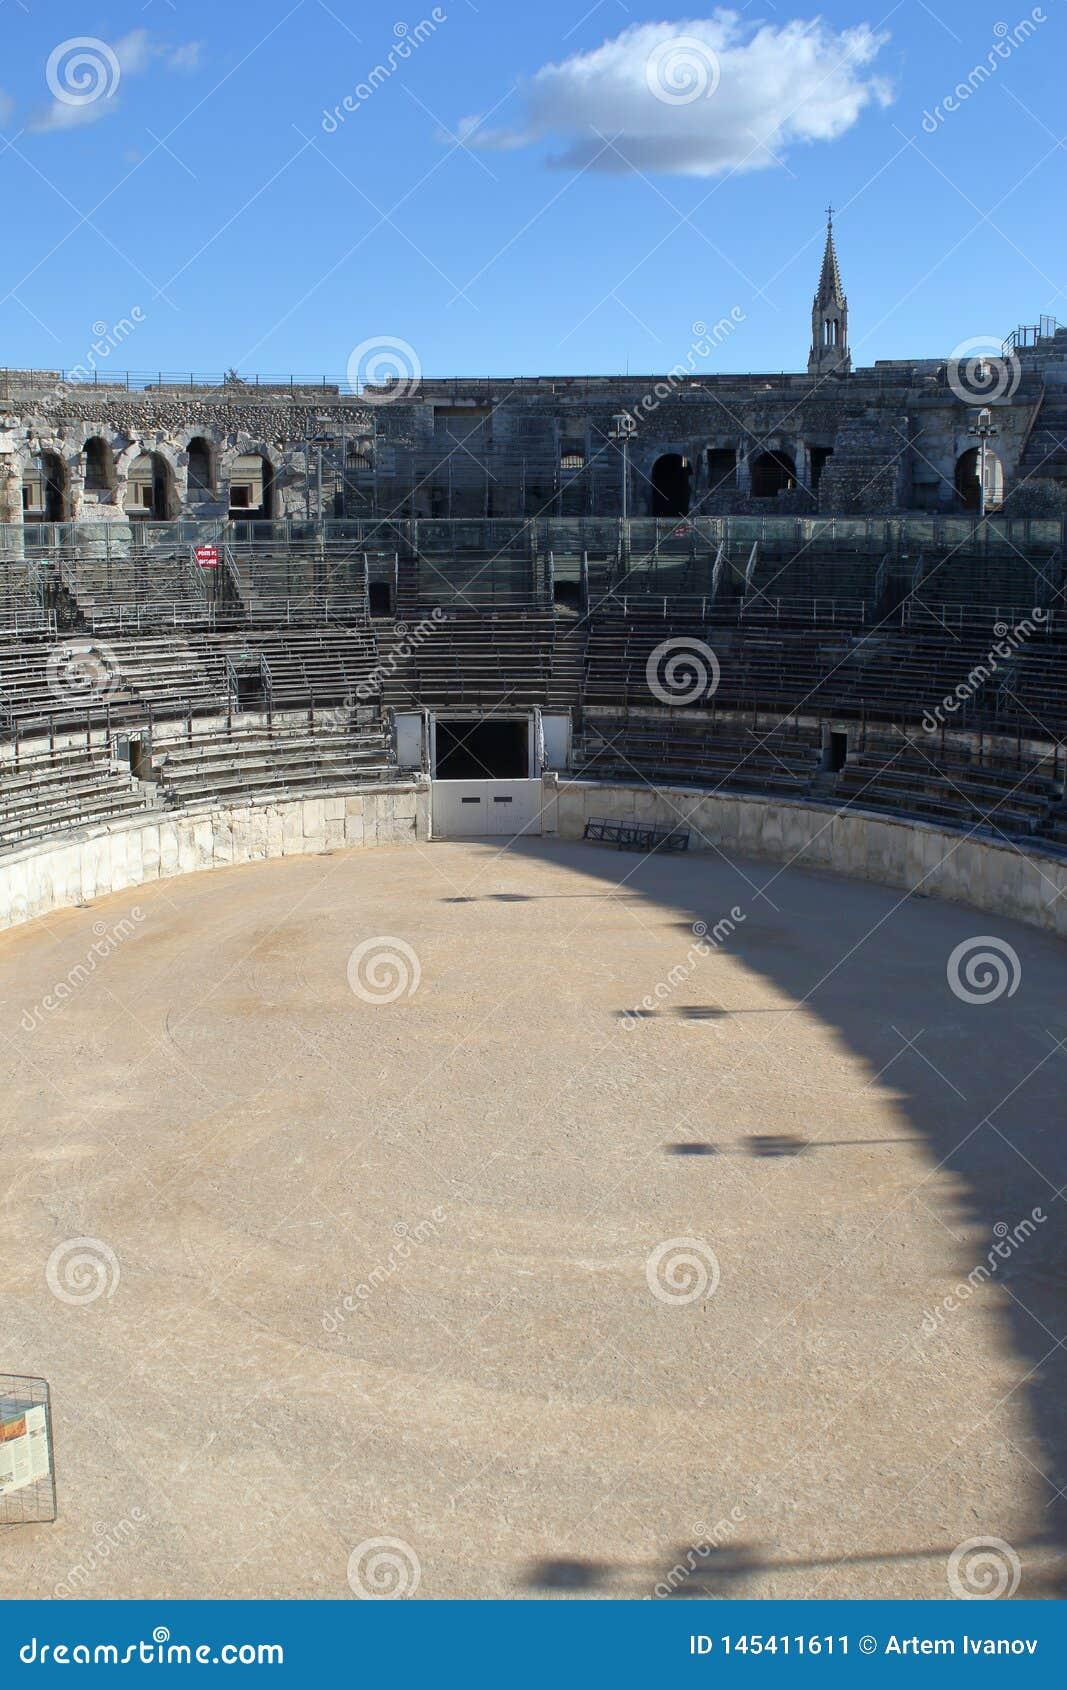 Arena Nimes Wewnętrzny widok amfiteatr i stojaki